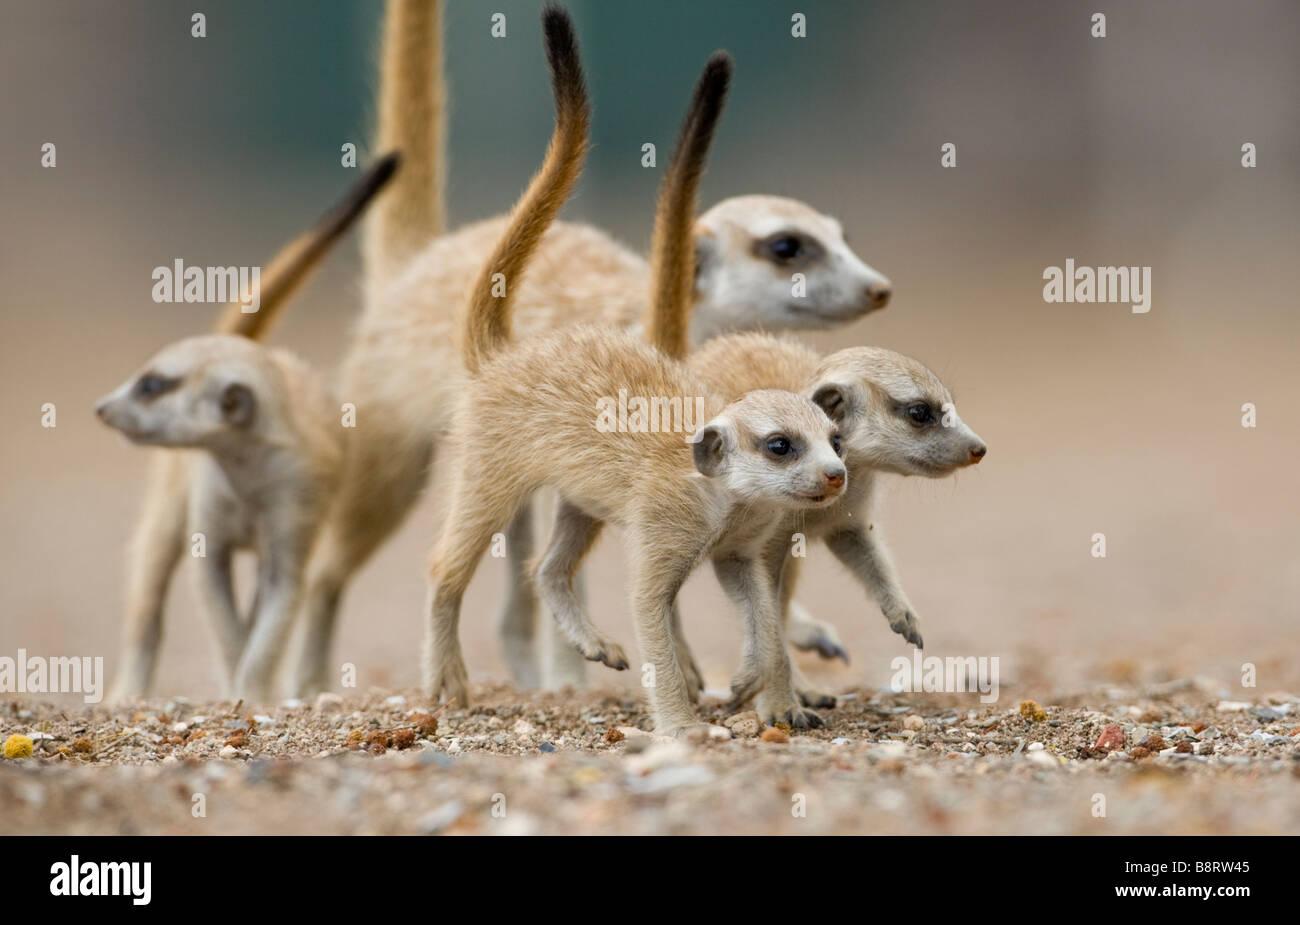 África Namibia Keetmanshoop pup Suricata suricatta suricata o caminando con el adulto fuera de la madriguera Imagen De Stock